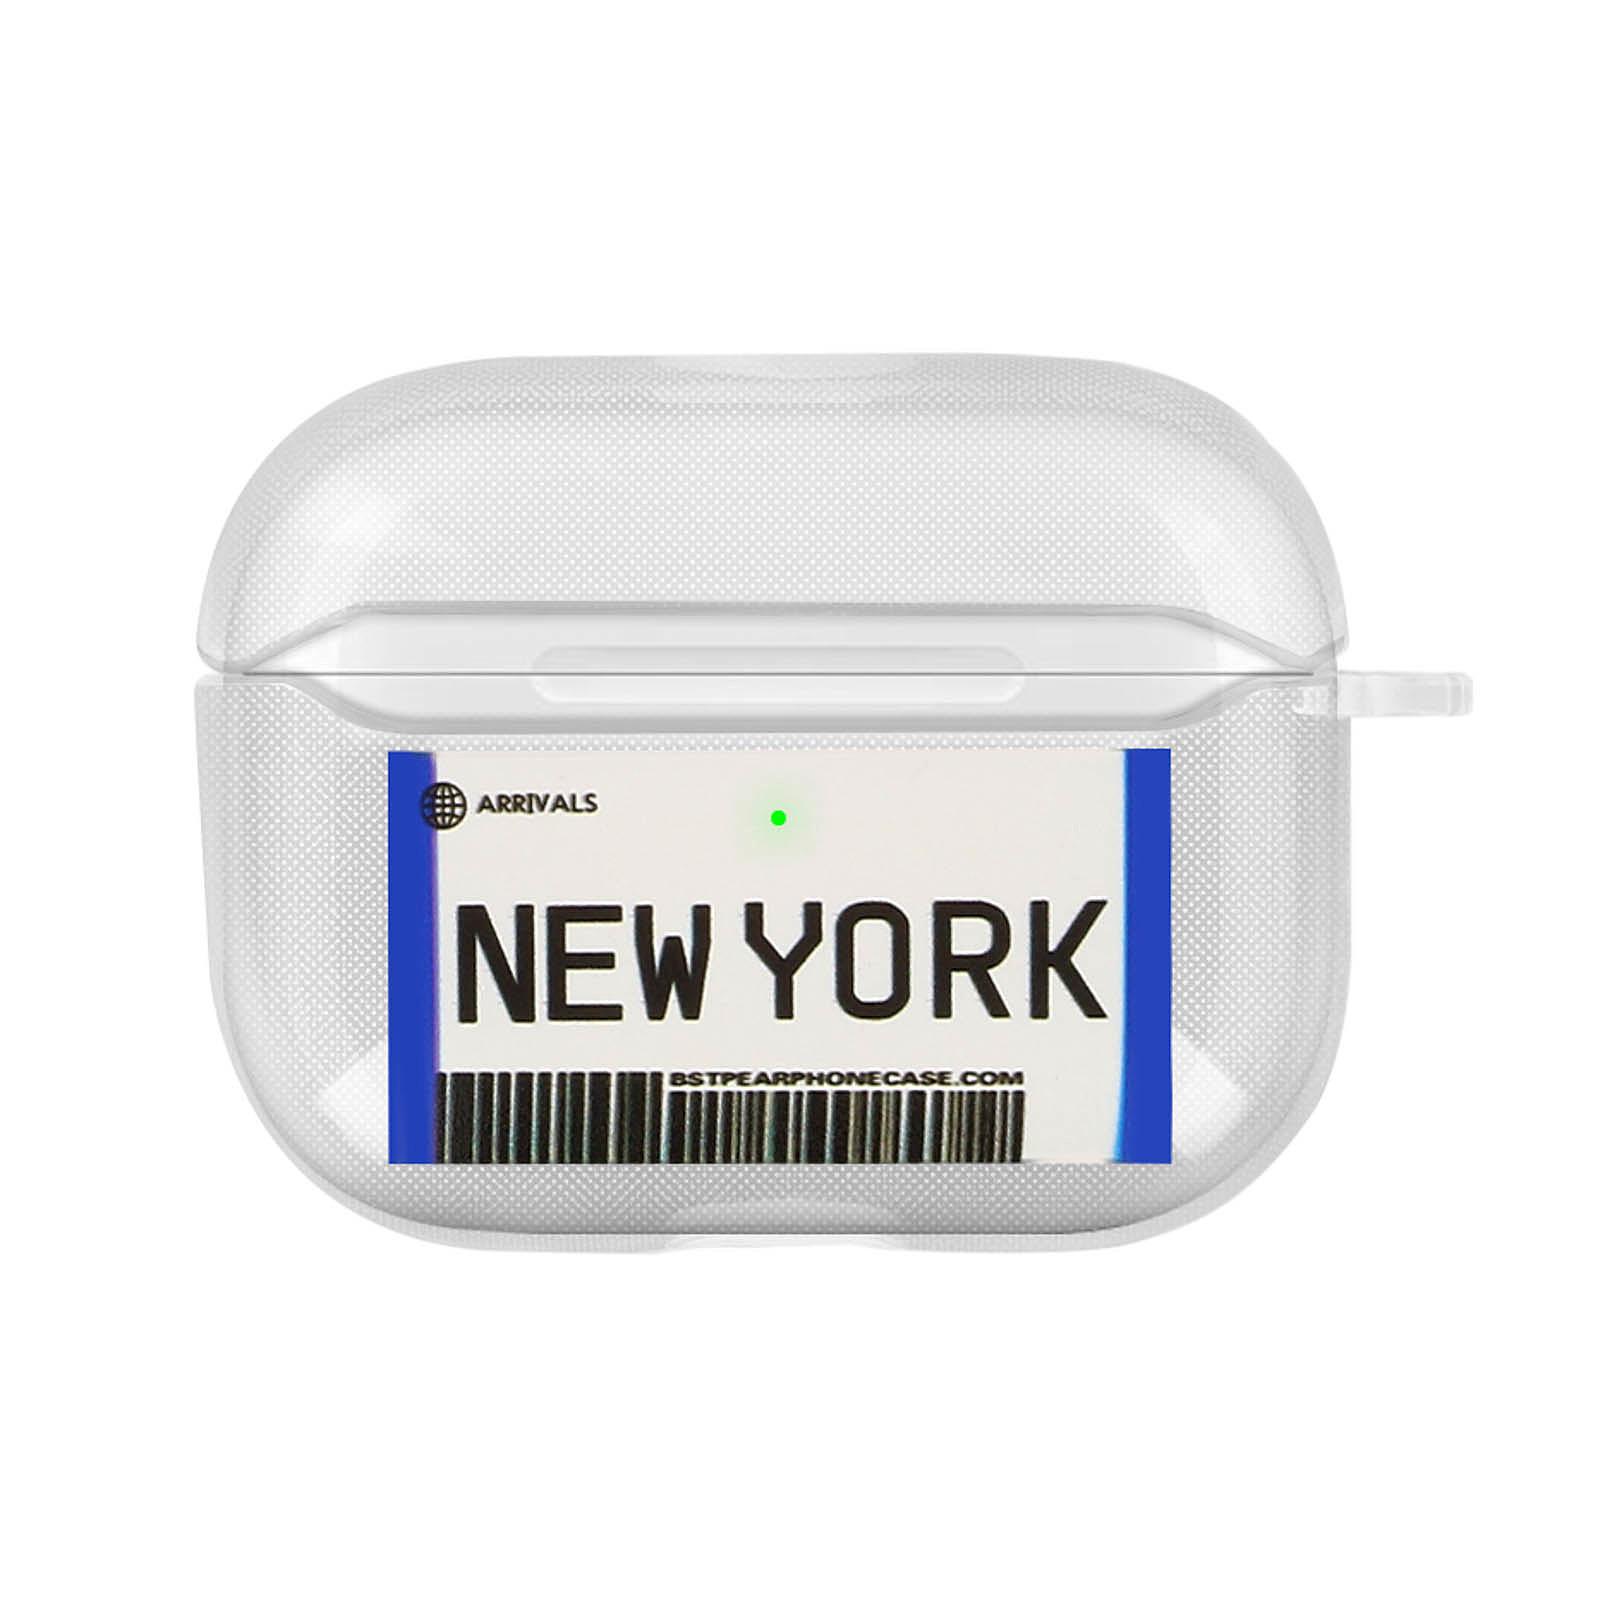 Avizar Coque New York pour AirPods Pro